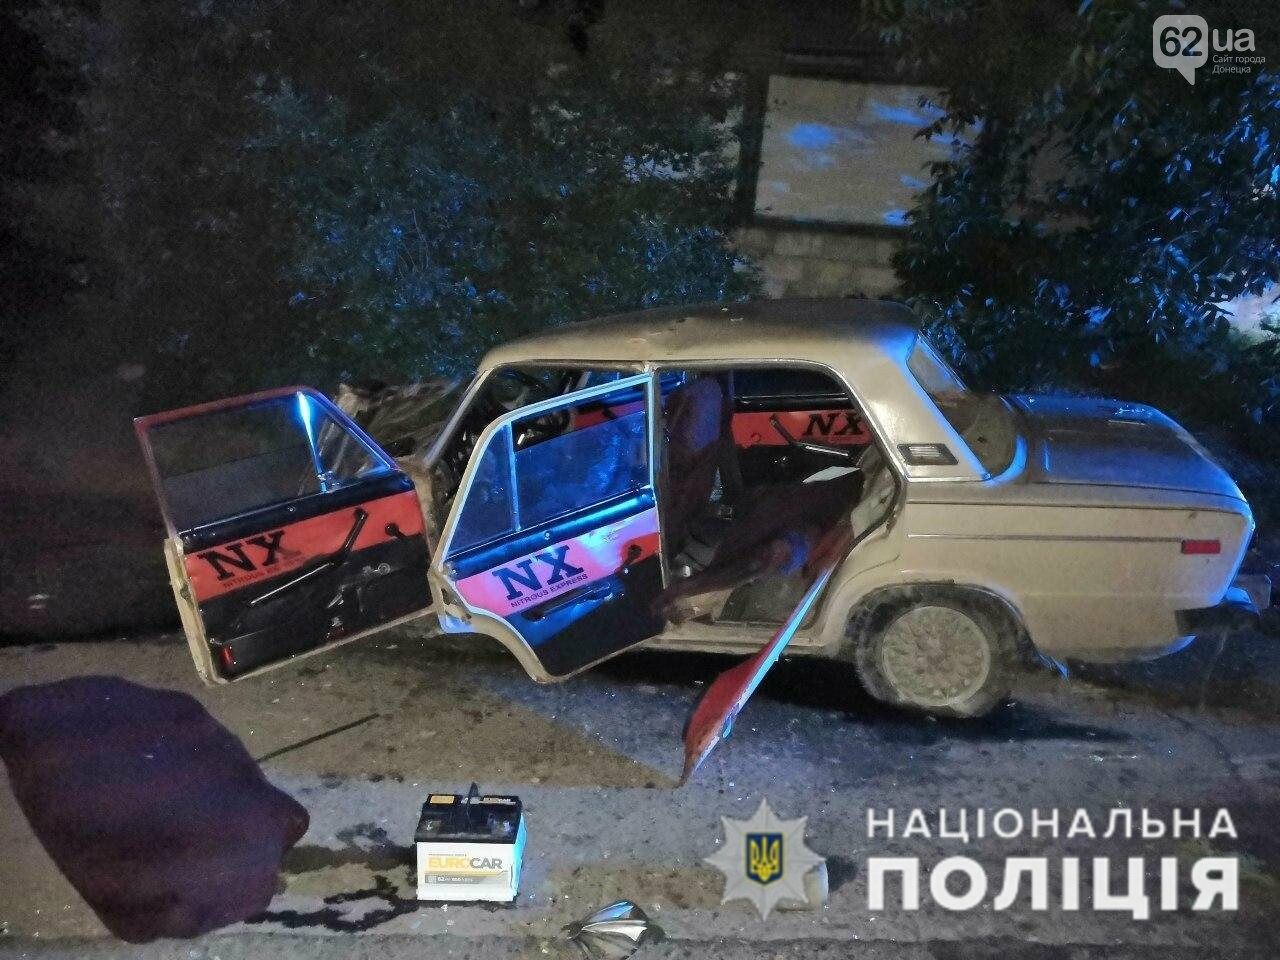 В Краматорске пьяный водитель врезался в бетонное ограждение, - ФОТО, фото-1